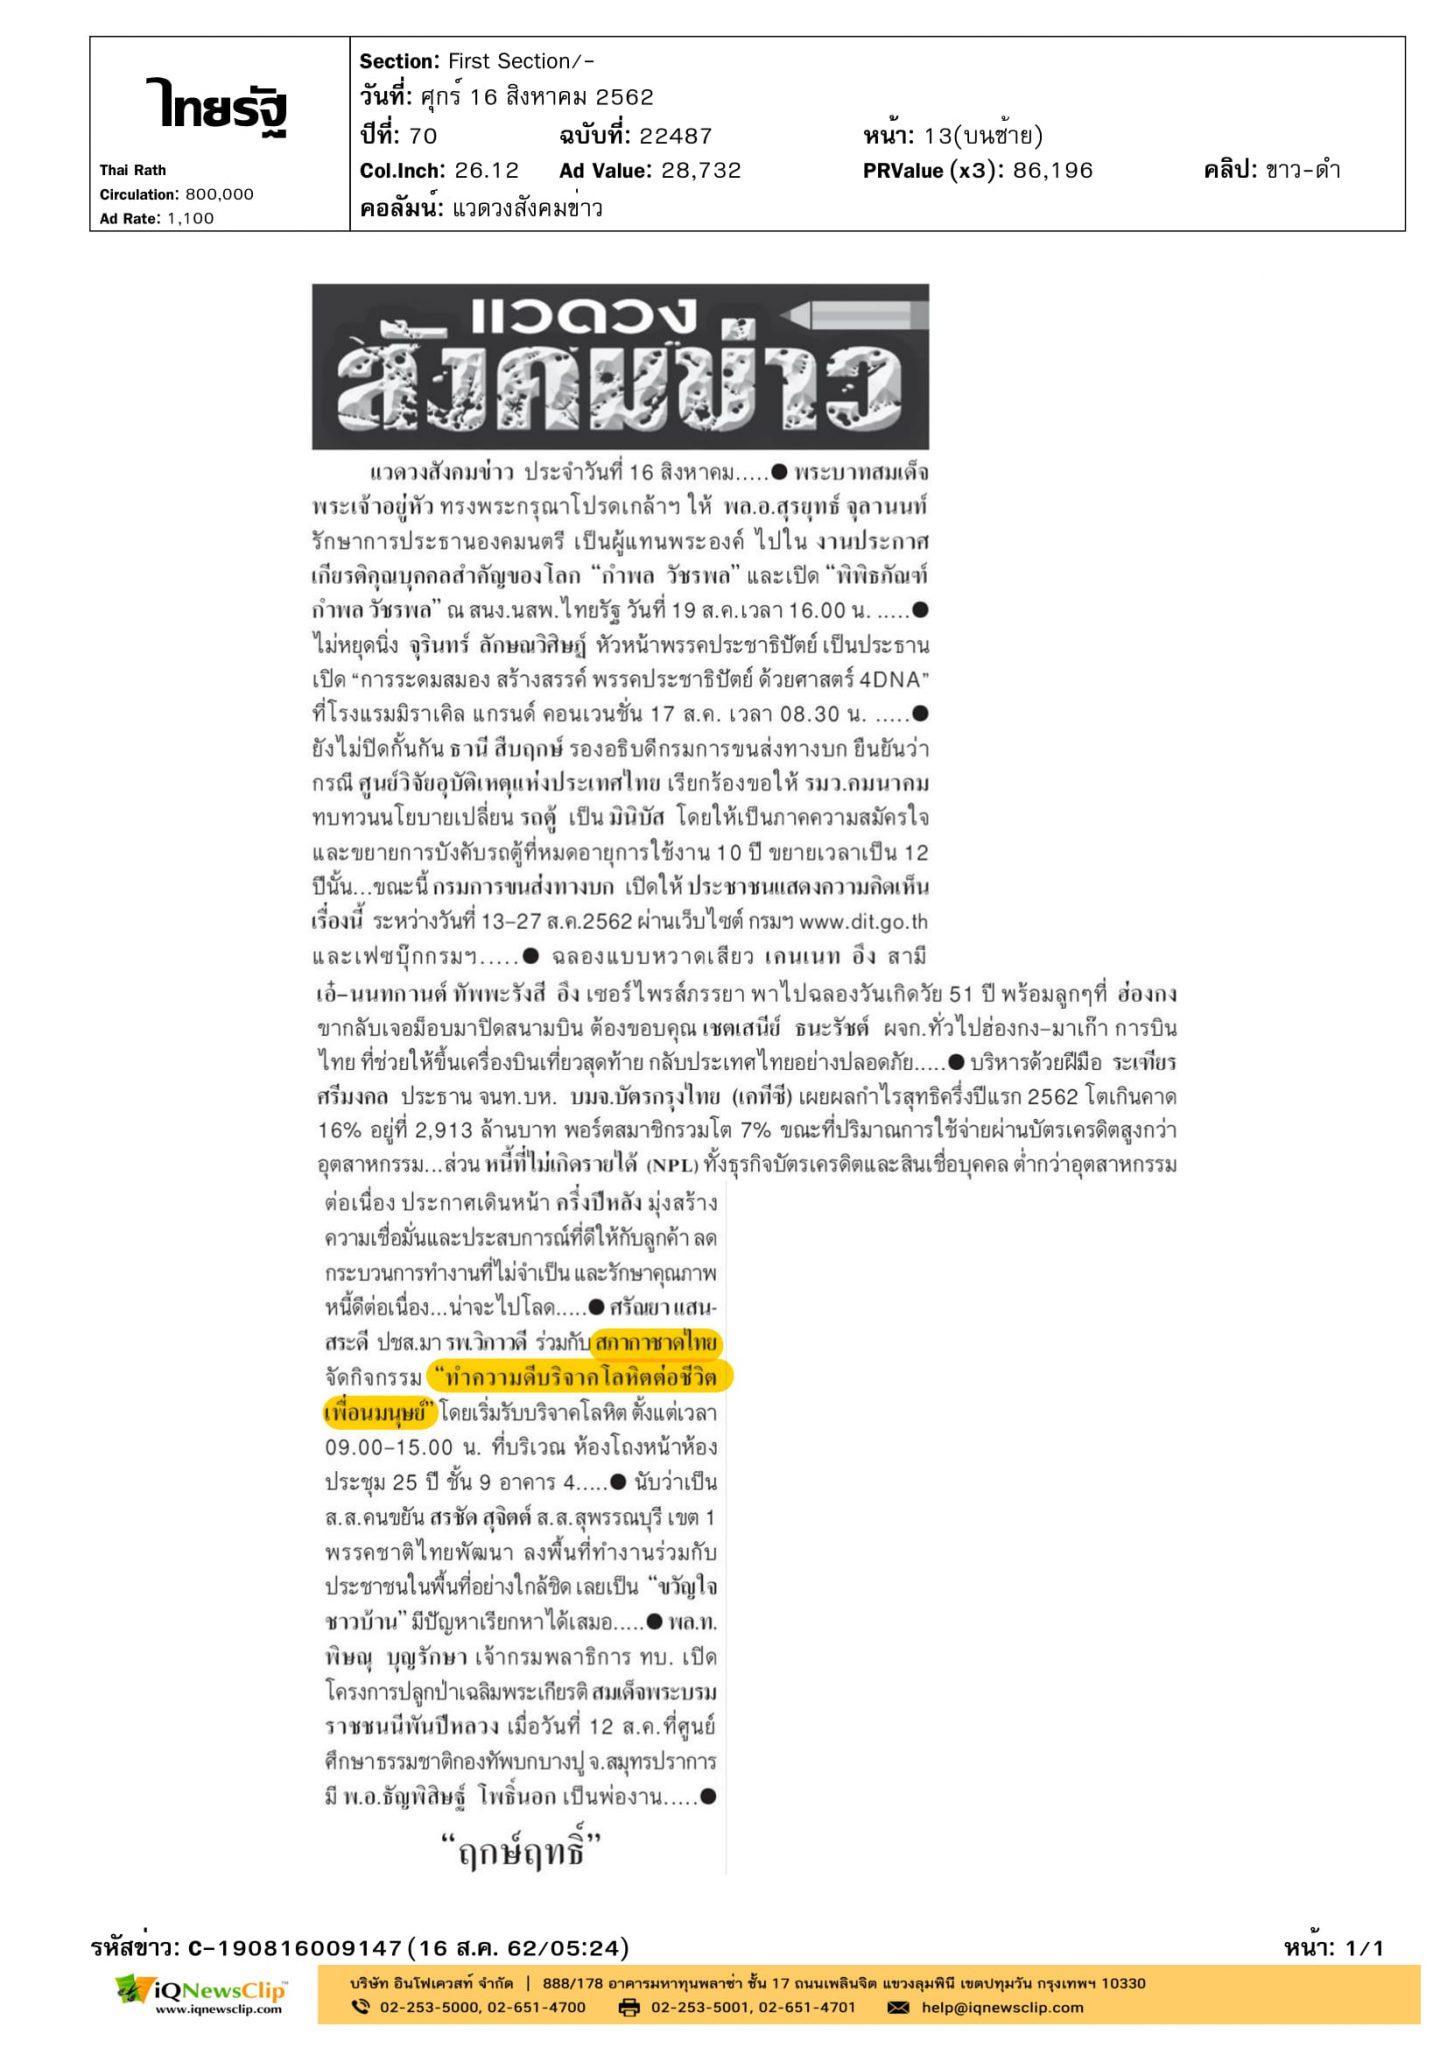 สภากาชาดไทย จัดกิจกรรมทำความดีบริจาคโลหิตต่อชีวิตเพื่อนมนุษย์